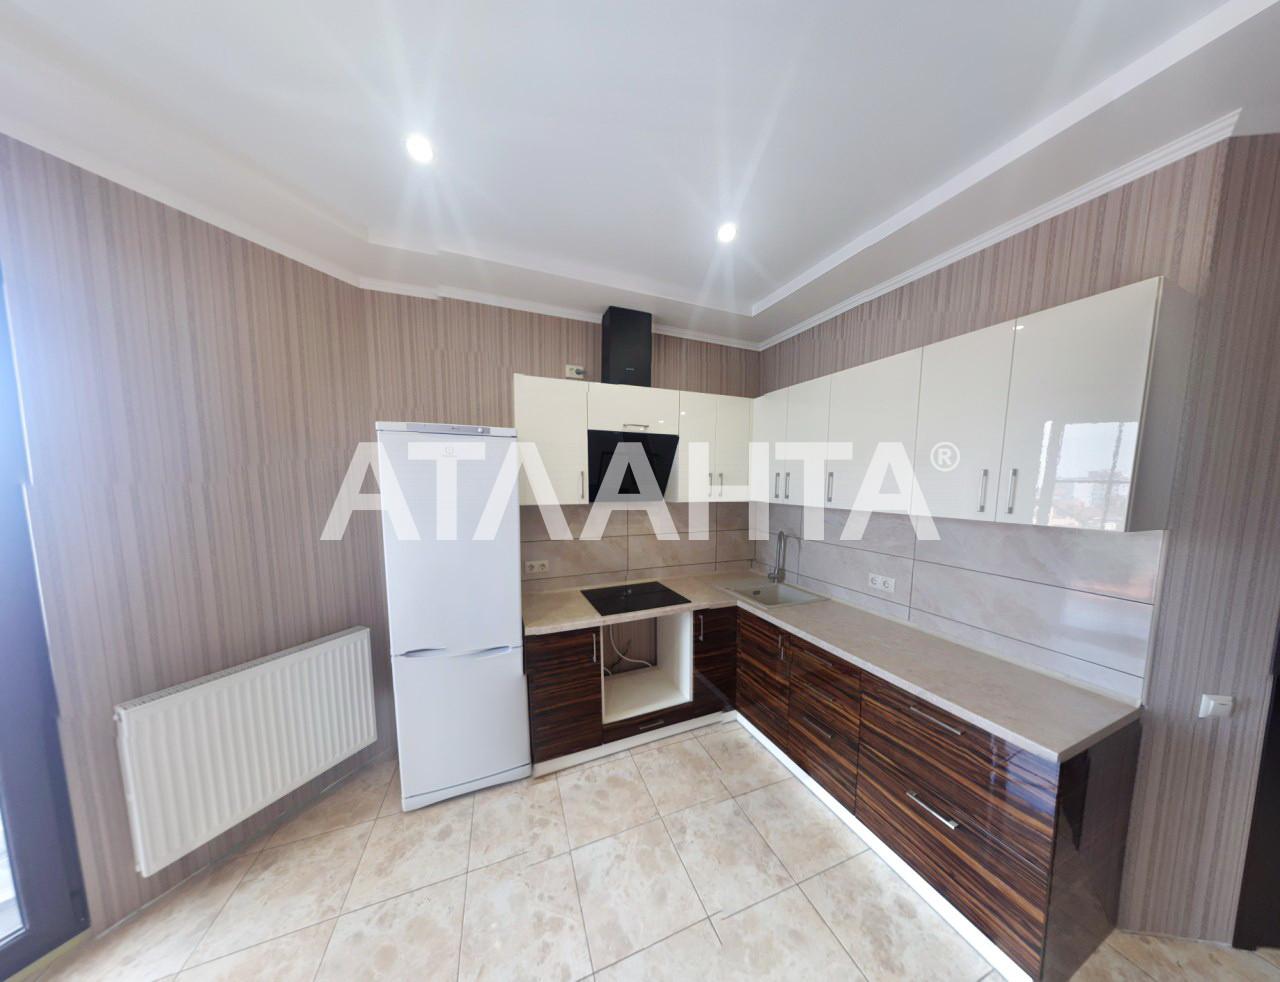 Продается 1-комнатная Квартира на ул. Ул. Вильямса — 60 000 у.е. (фото №3)